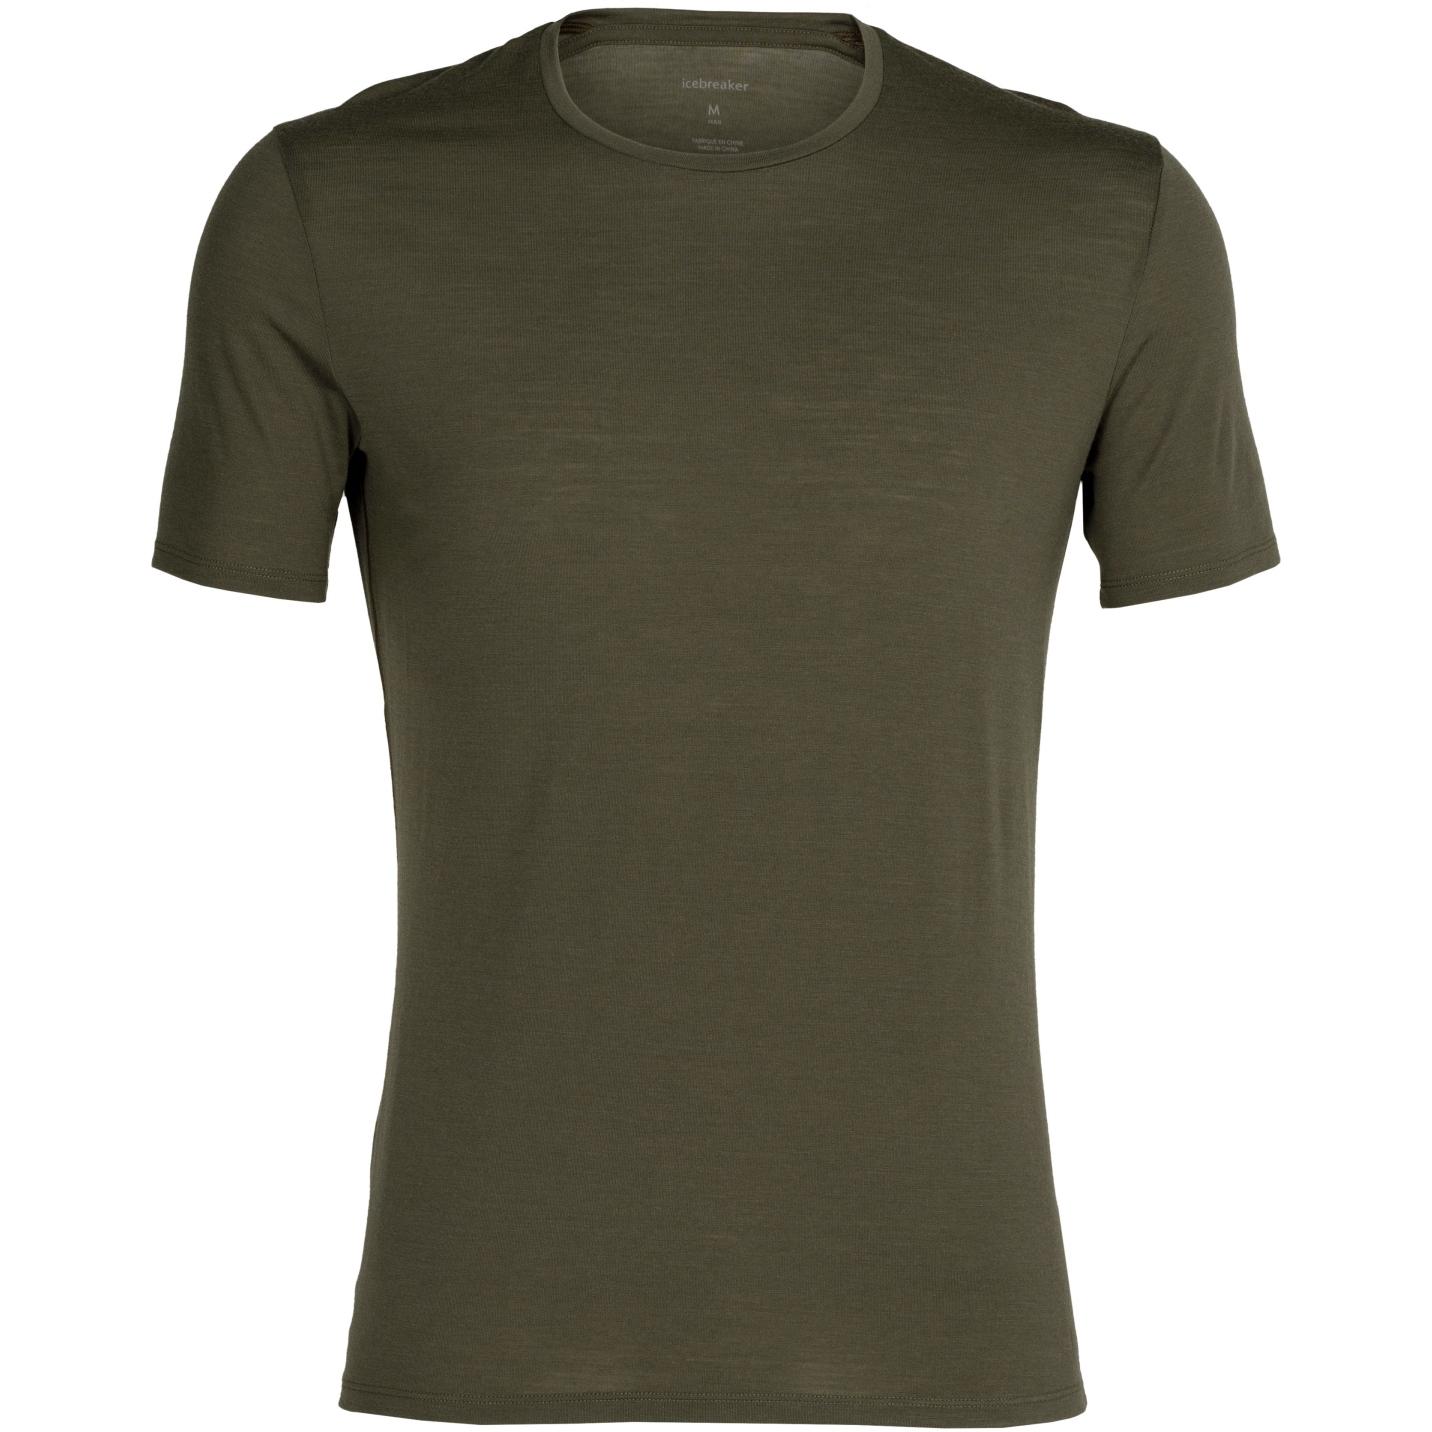 Produktbild von Icebreaker Anatomica Crewe Herren T-Shirt - Loden